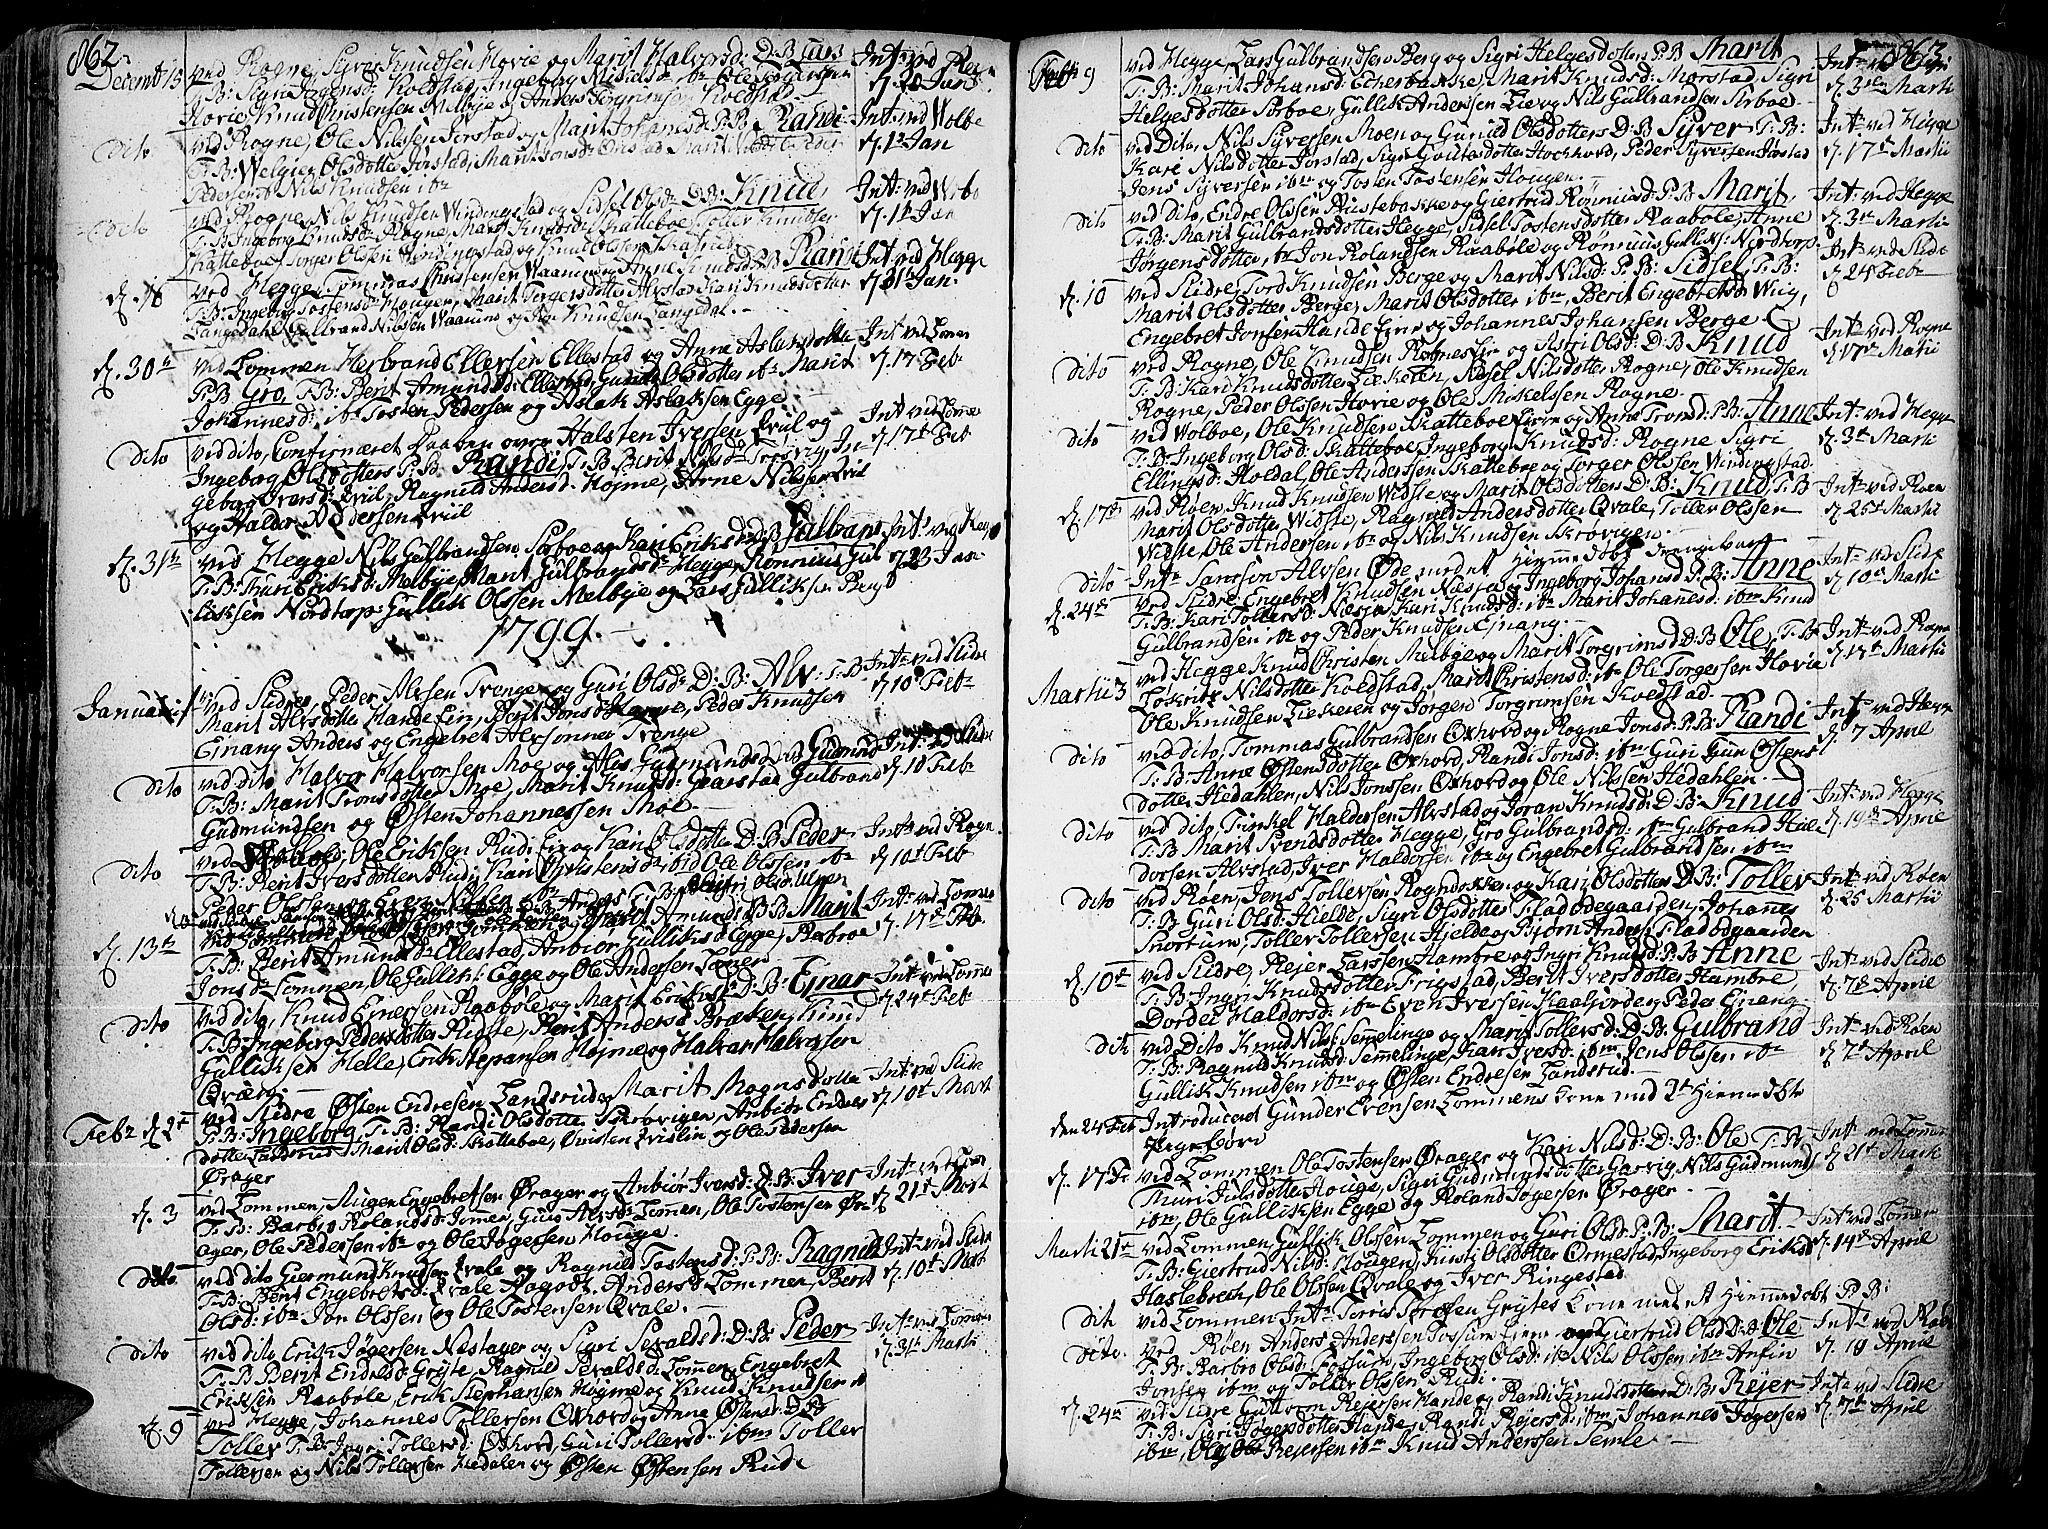 SAH, Slidre prestekontor, Ministerialbok nr. 1, 1724-1814, s. 862-863